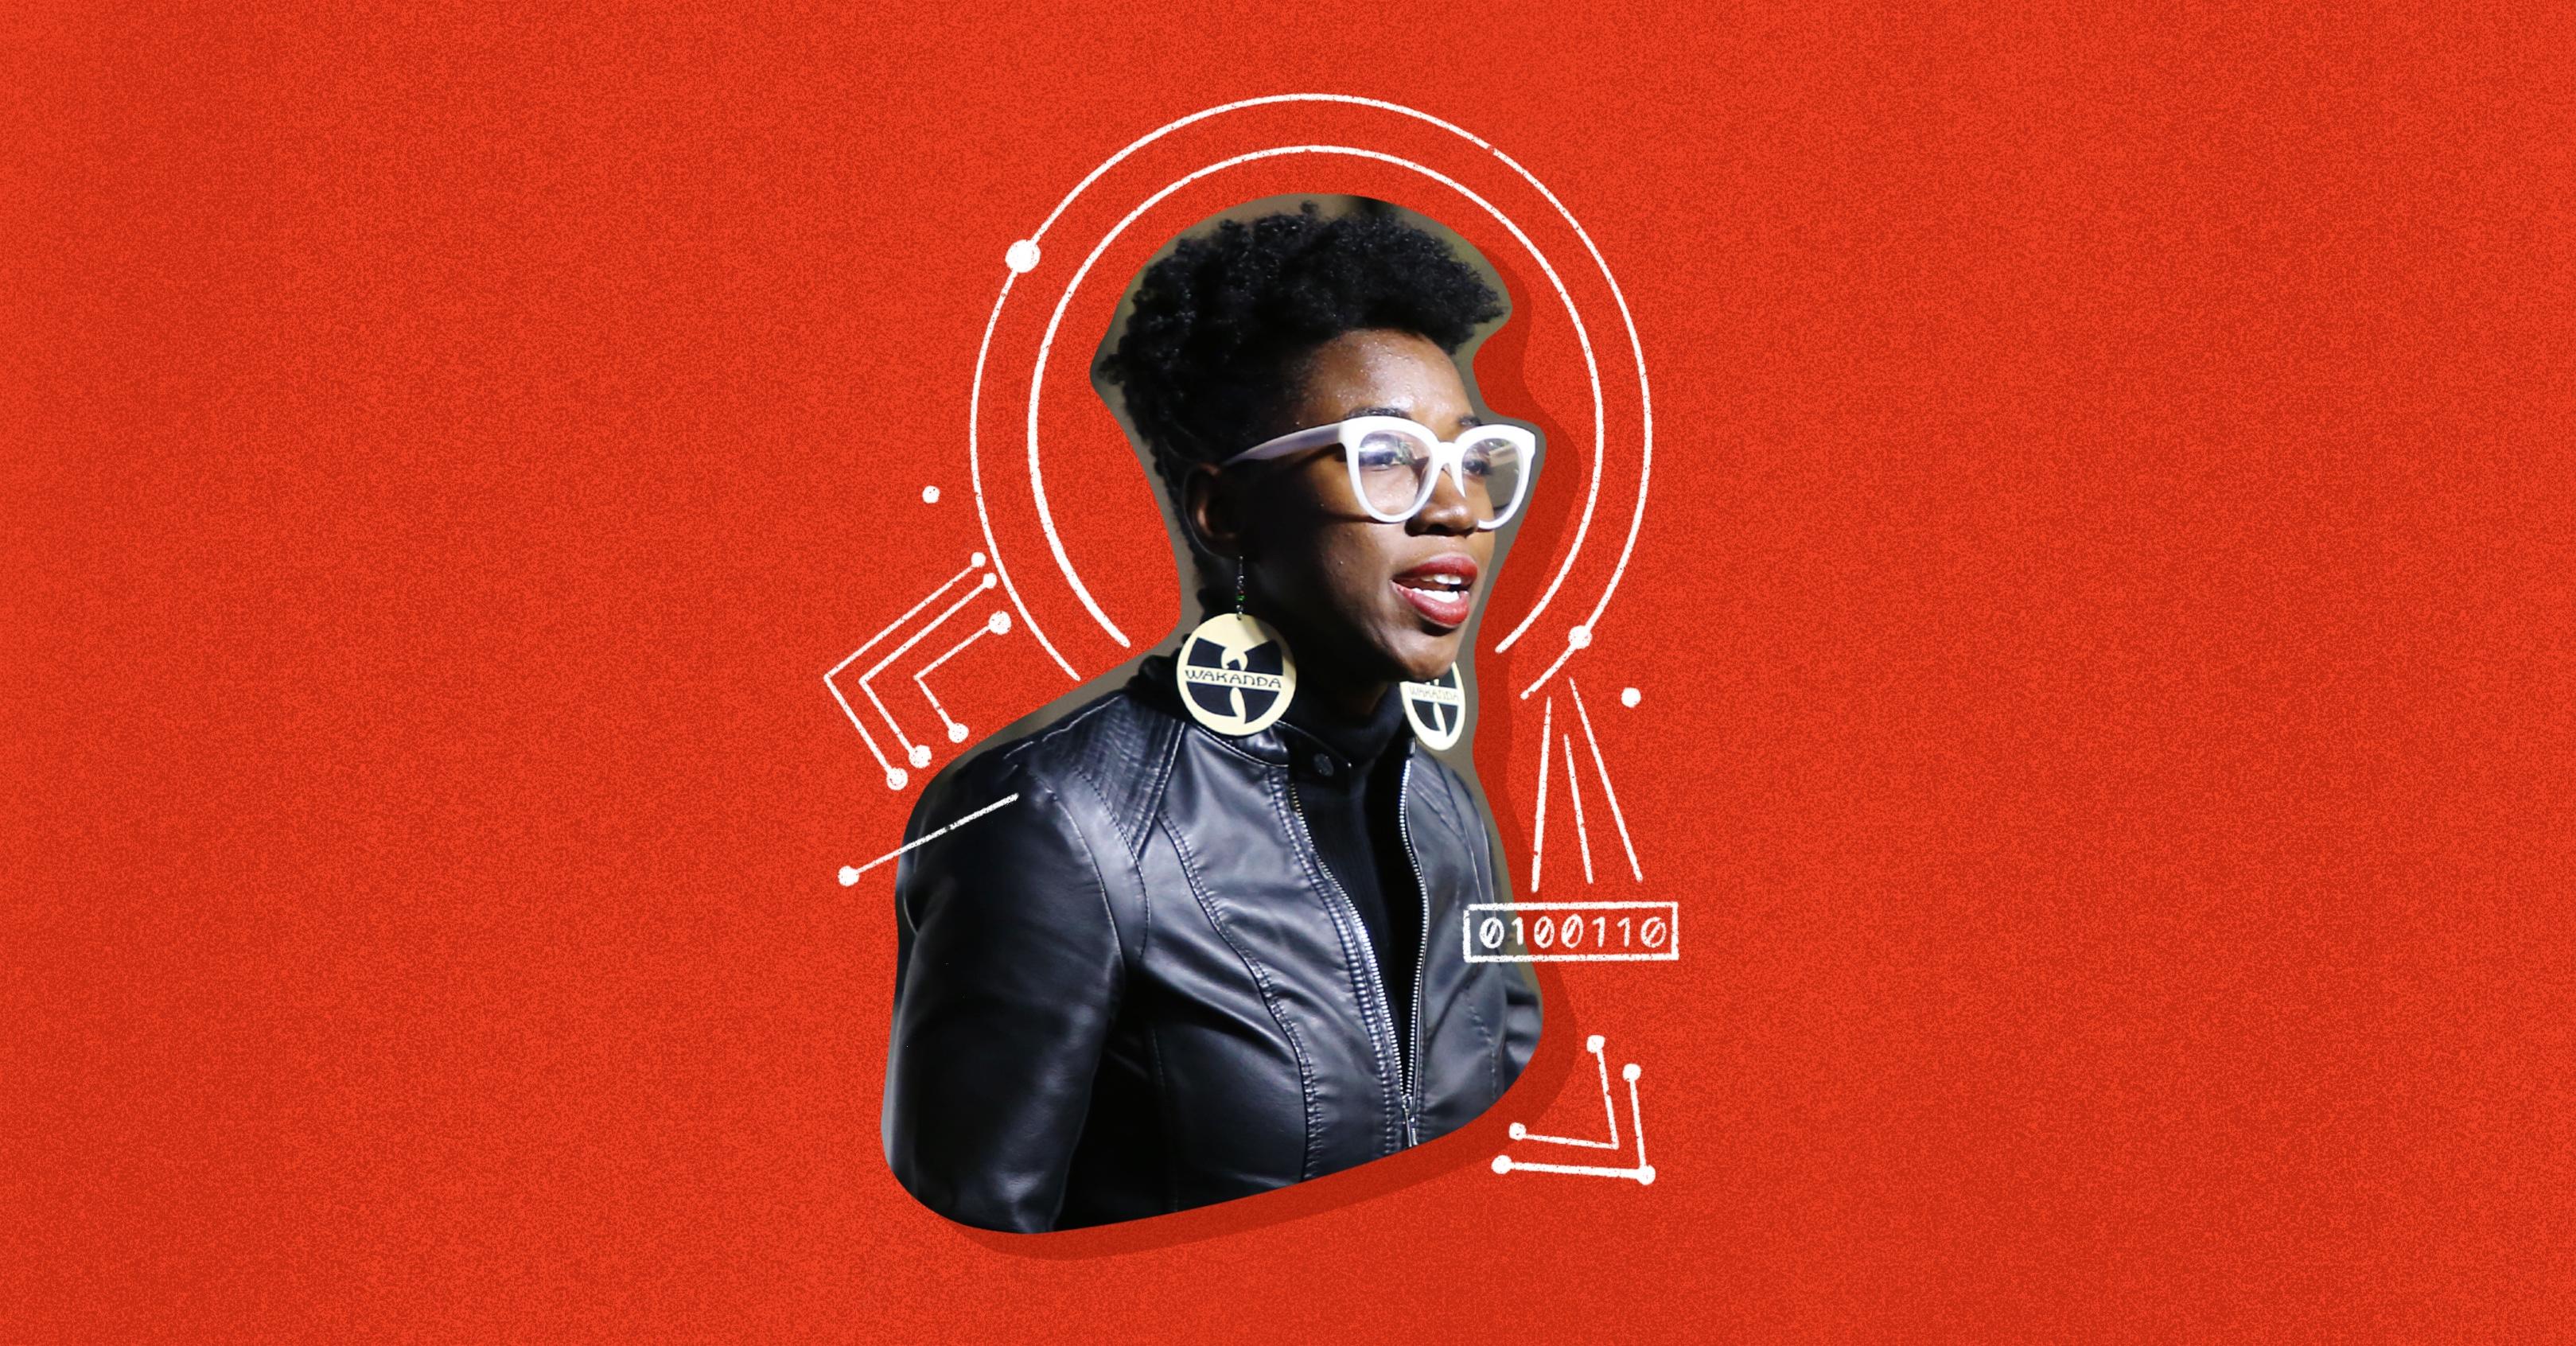 Photo illustration of Joy Buolamwini on a red background